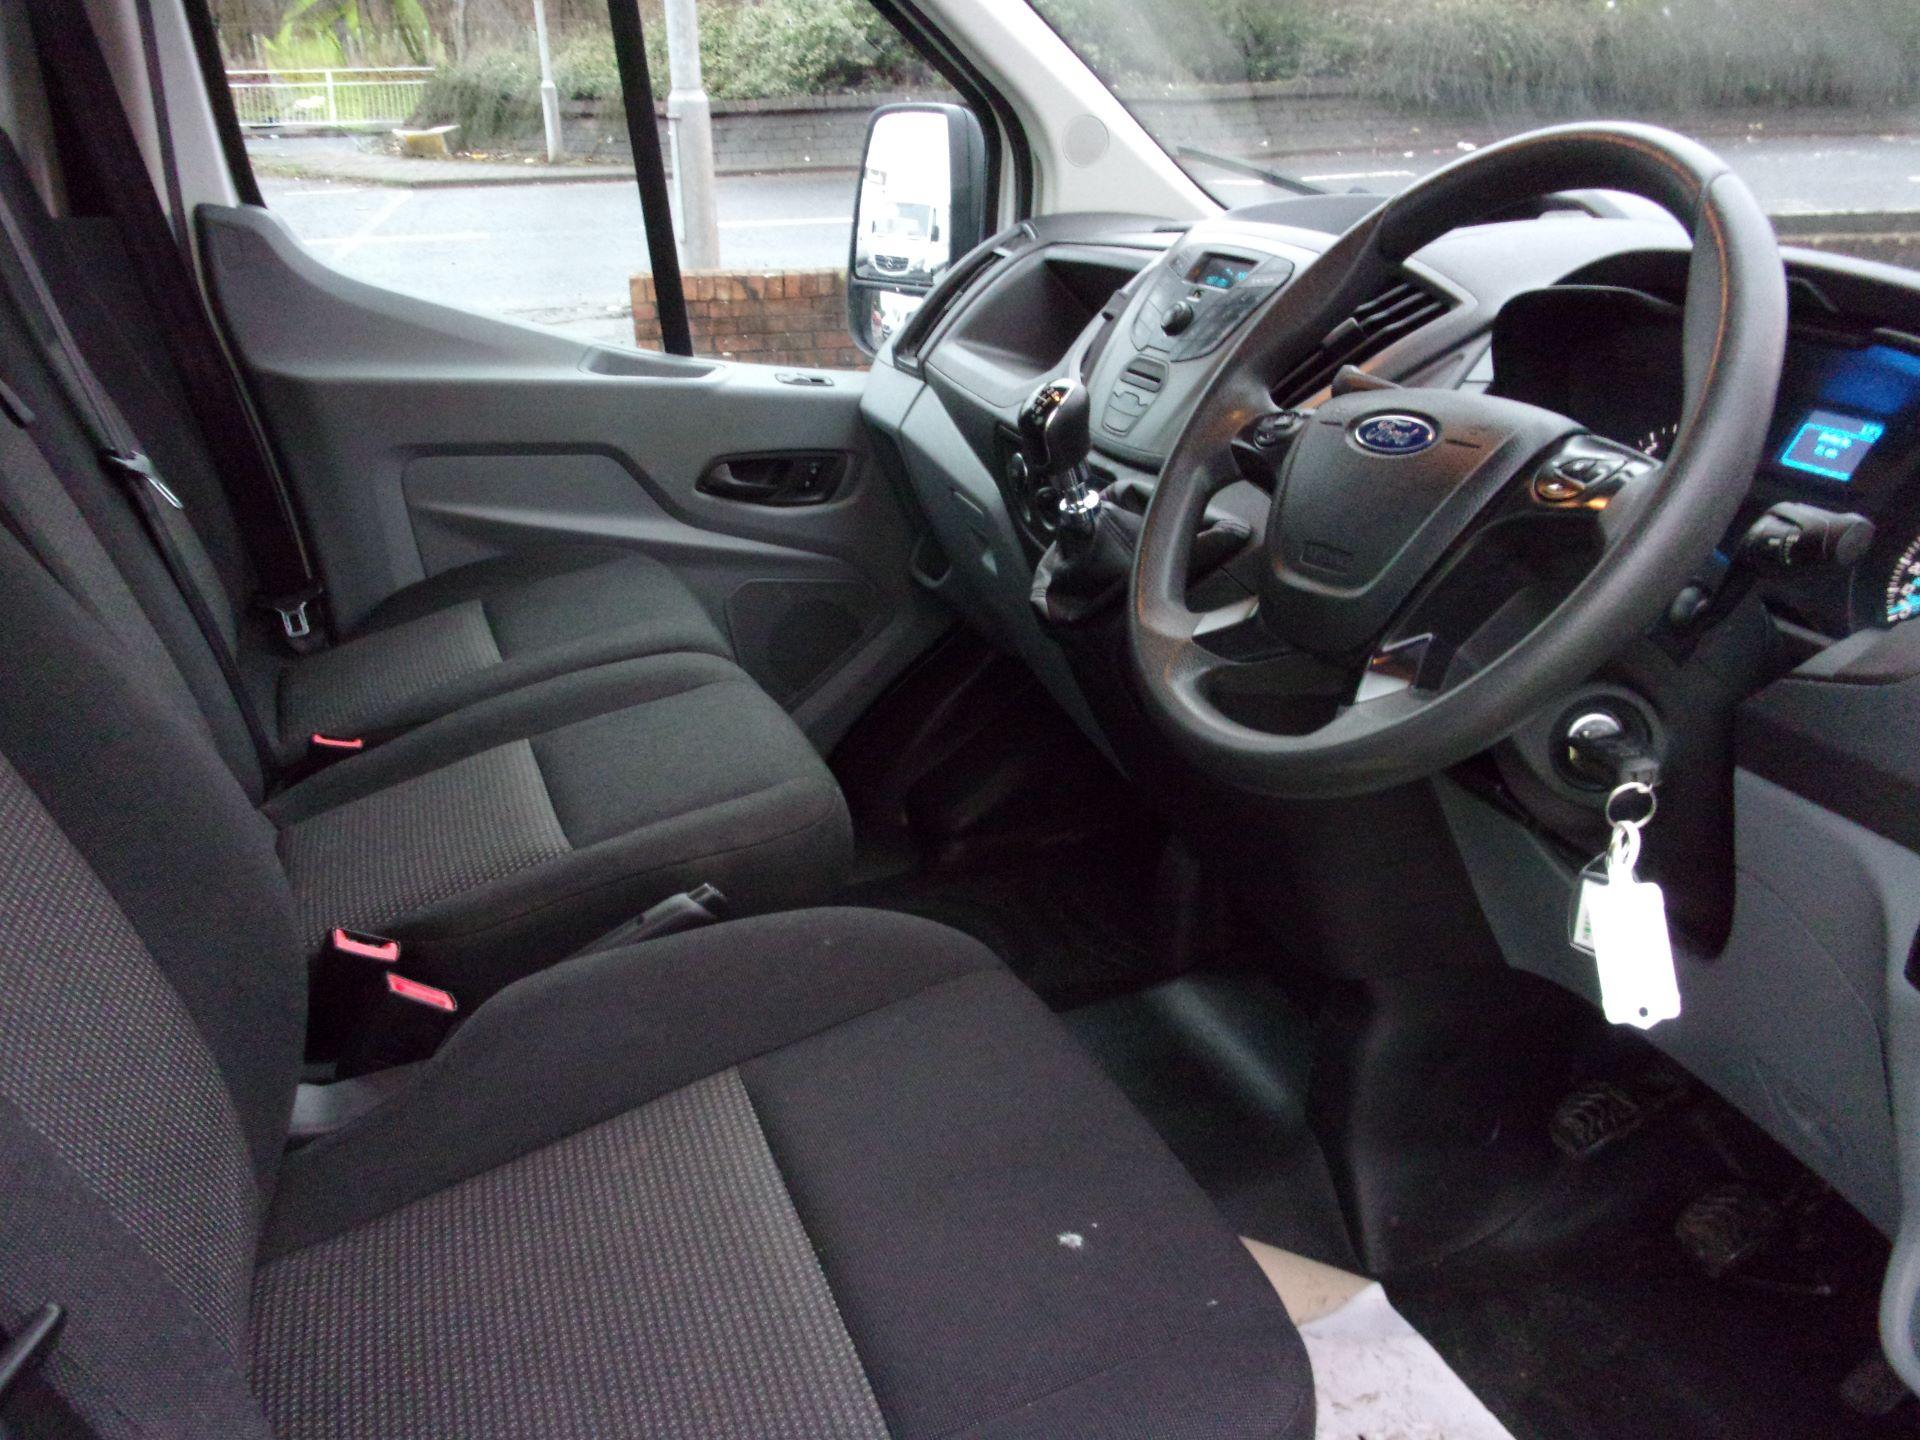 2018 Ford Transit 350 L2 DIESEL RWD 2.0 TDCI 130PS TIPPER EURO 6 (BN18NNT) Image 2